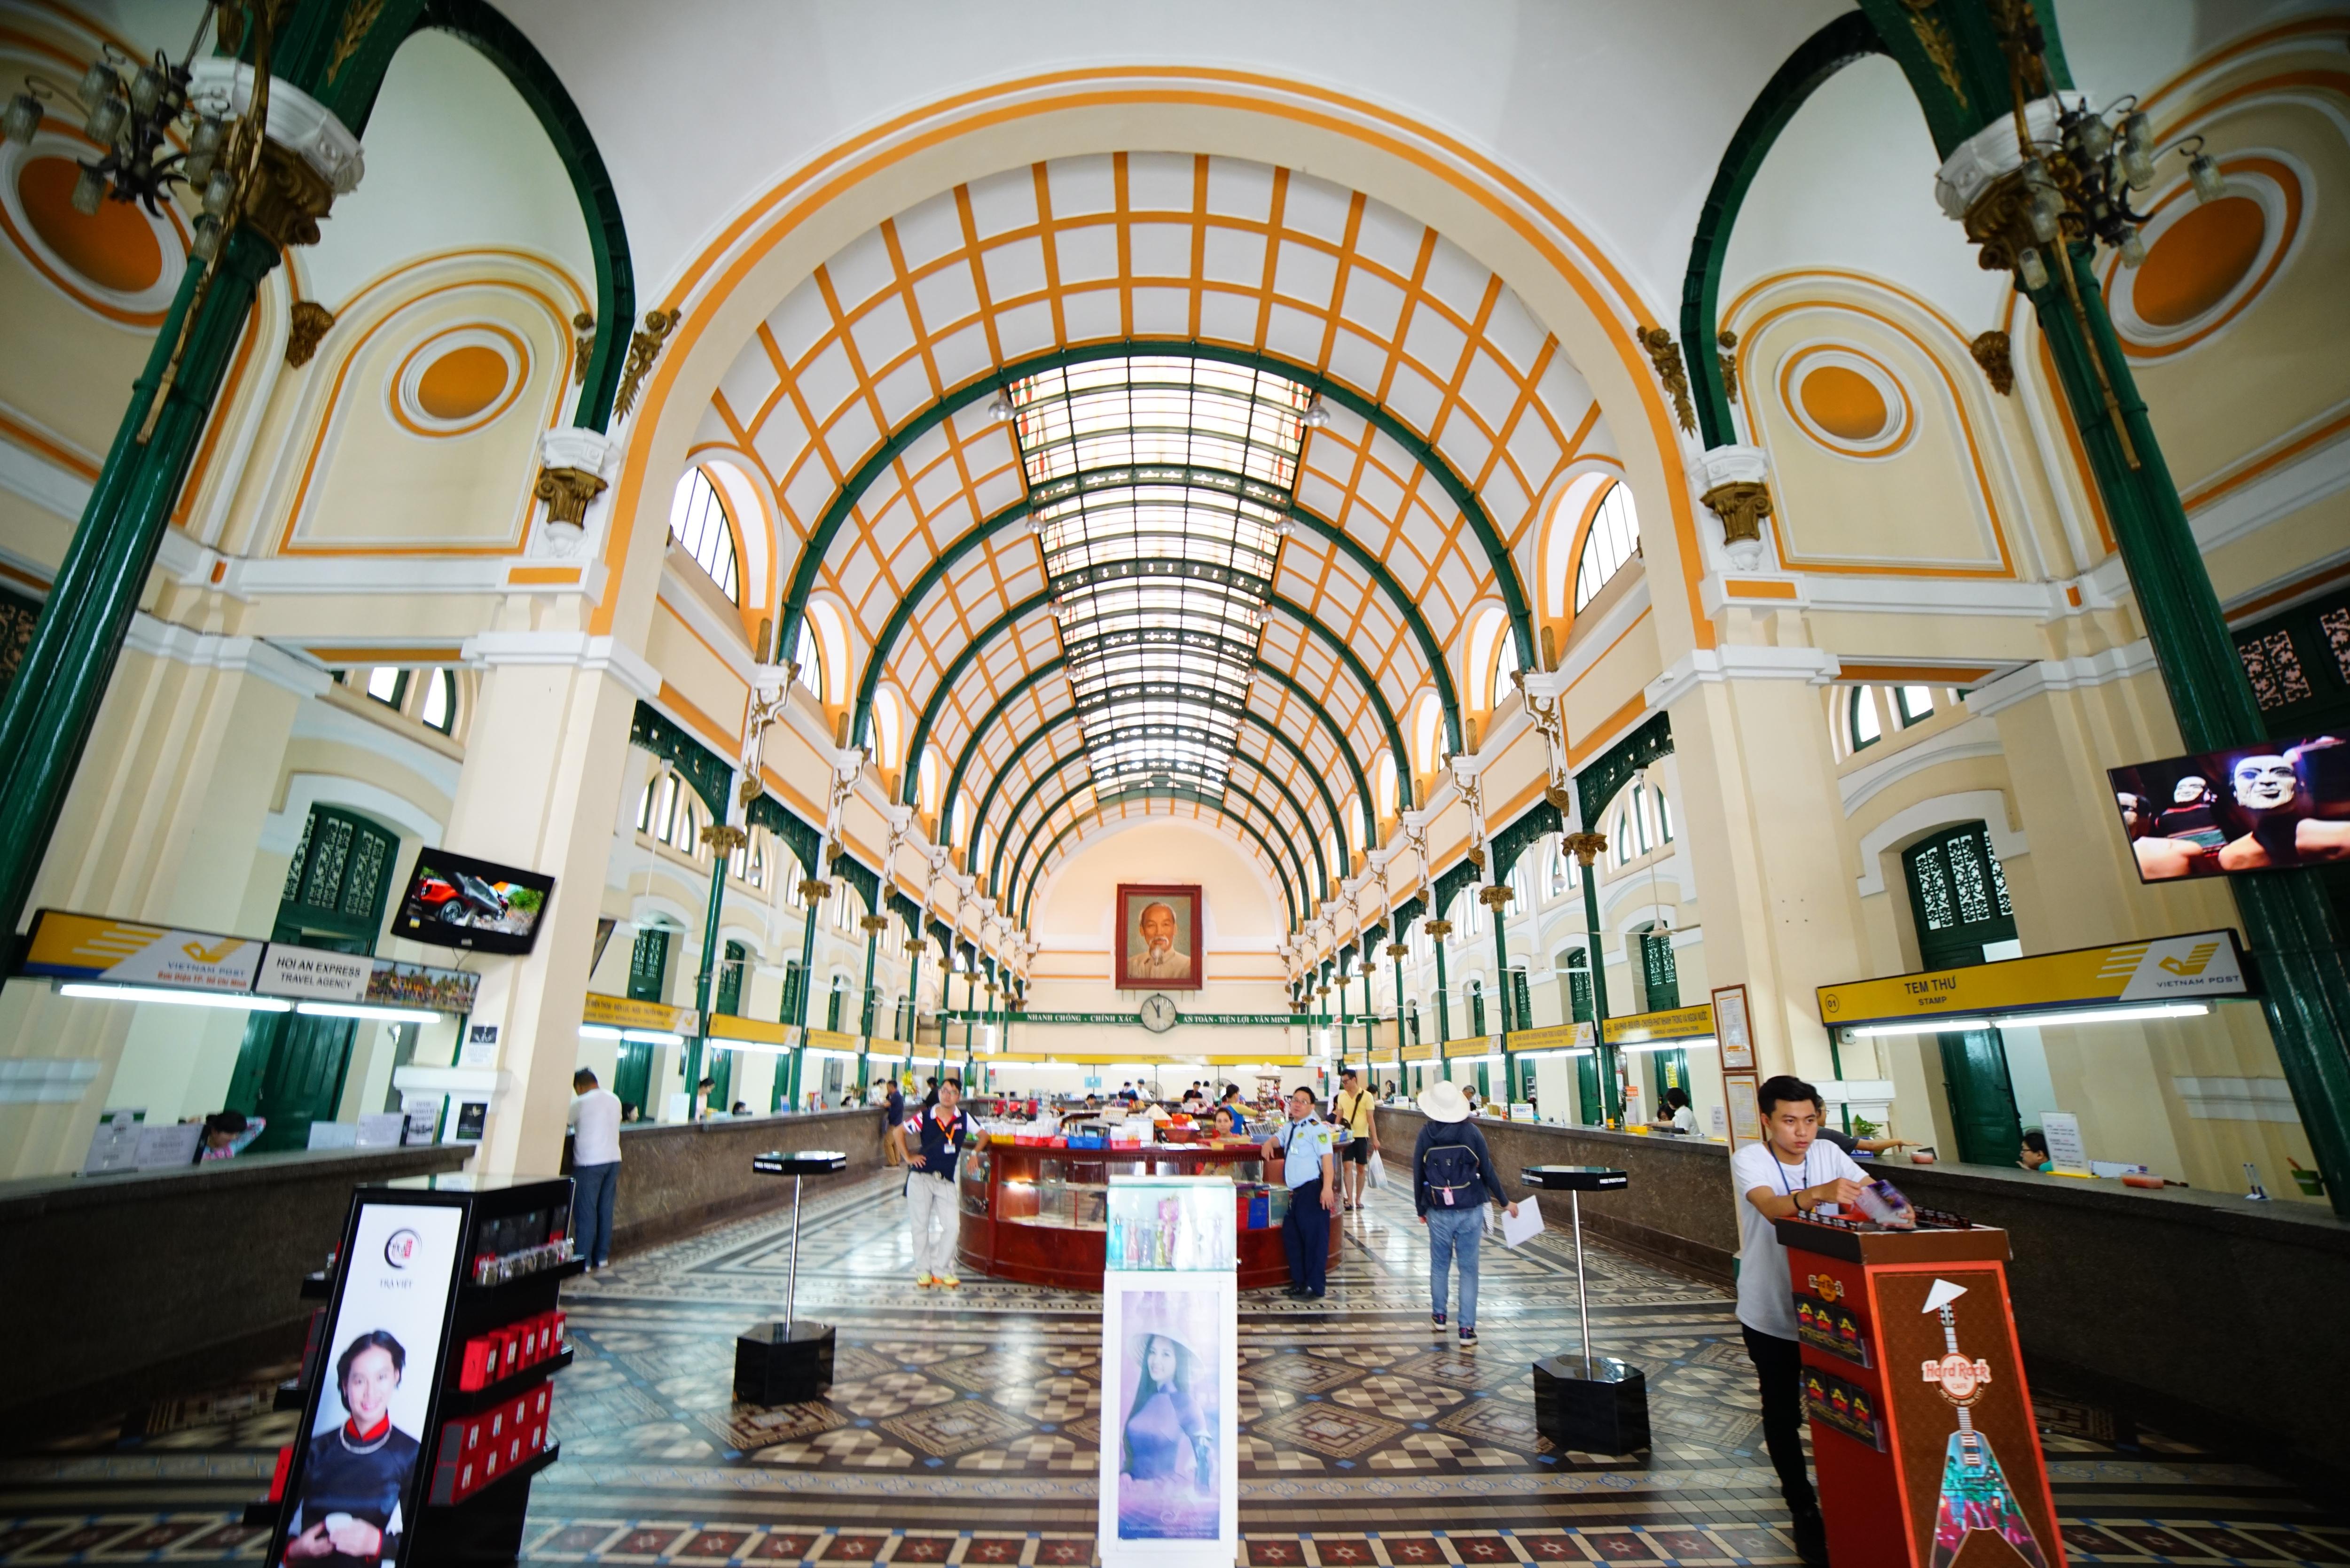 中央邮局  Central Post Office   -4